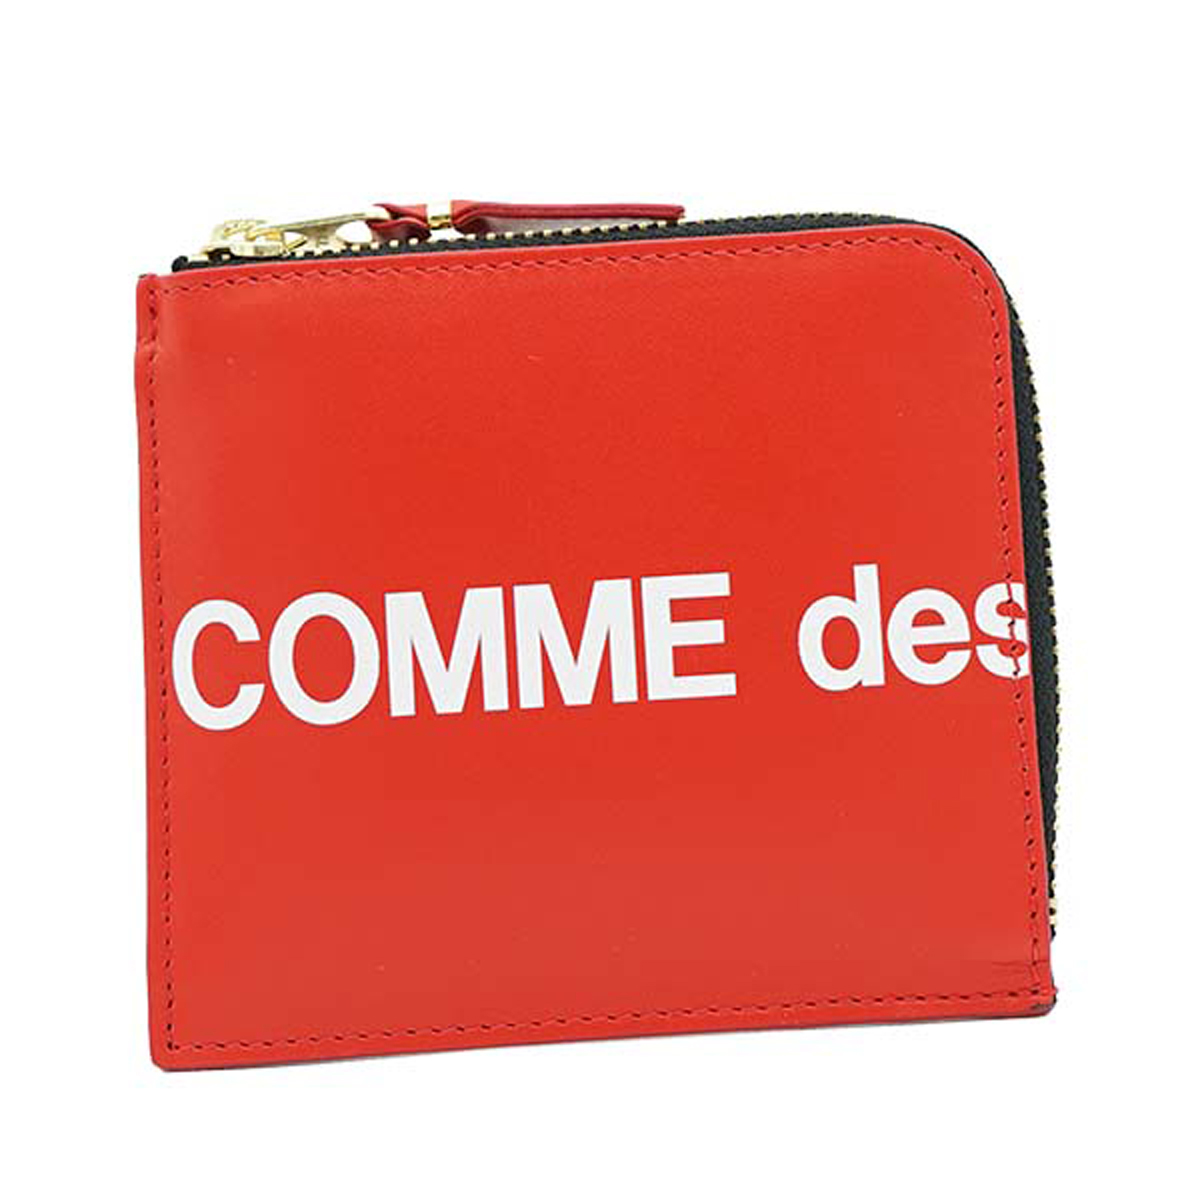 コムデギャルソン COMME des GARCONS コインケース SA3100HL RED レッド 牛革 L字ファスナー 小銭入れ 男女兼用 ユニセックス プレゼント 誕生日 ギフト